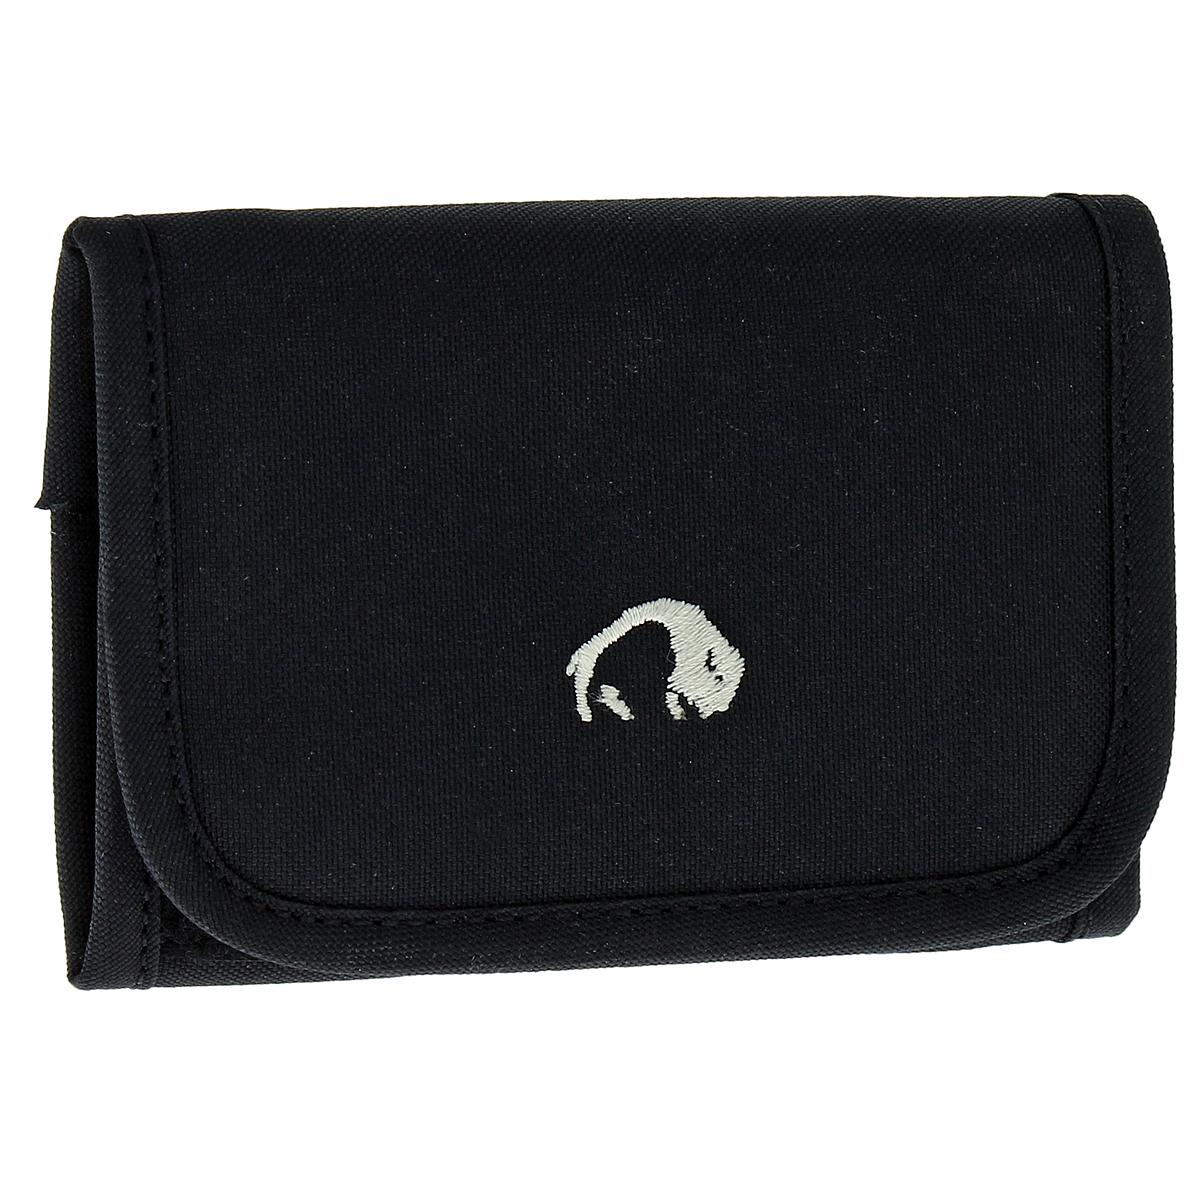 Кошелек Tatonka Folder, цвет: черный2878.040Компактный кошелек Tatonka Folder послужит вам своей надежностью и функциональностью. Кошелек закрывается на липучку. Внутри состоит из двух больших отделений для купюр (одно из них на застежке-молнии), внутреннего органайзера (3 отделения для кредитных карт, пластиковый блок из 6 отделений для кредитных карт и прозрачное пластиковое окошко) и небольшого кармашка на застежке-молнии для мелочи. Также имеются два потайных кармашка. К кошельку прикреплено пластиковое кольцо для ключей. Оригинальный кошелек - неотъемлемый атрибут любого, он является повседневным предметом пользования, и призван подчеркнуть стиль и вкус его обладателя.